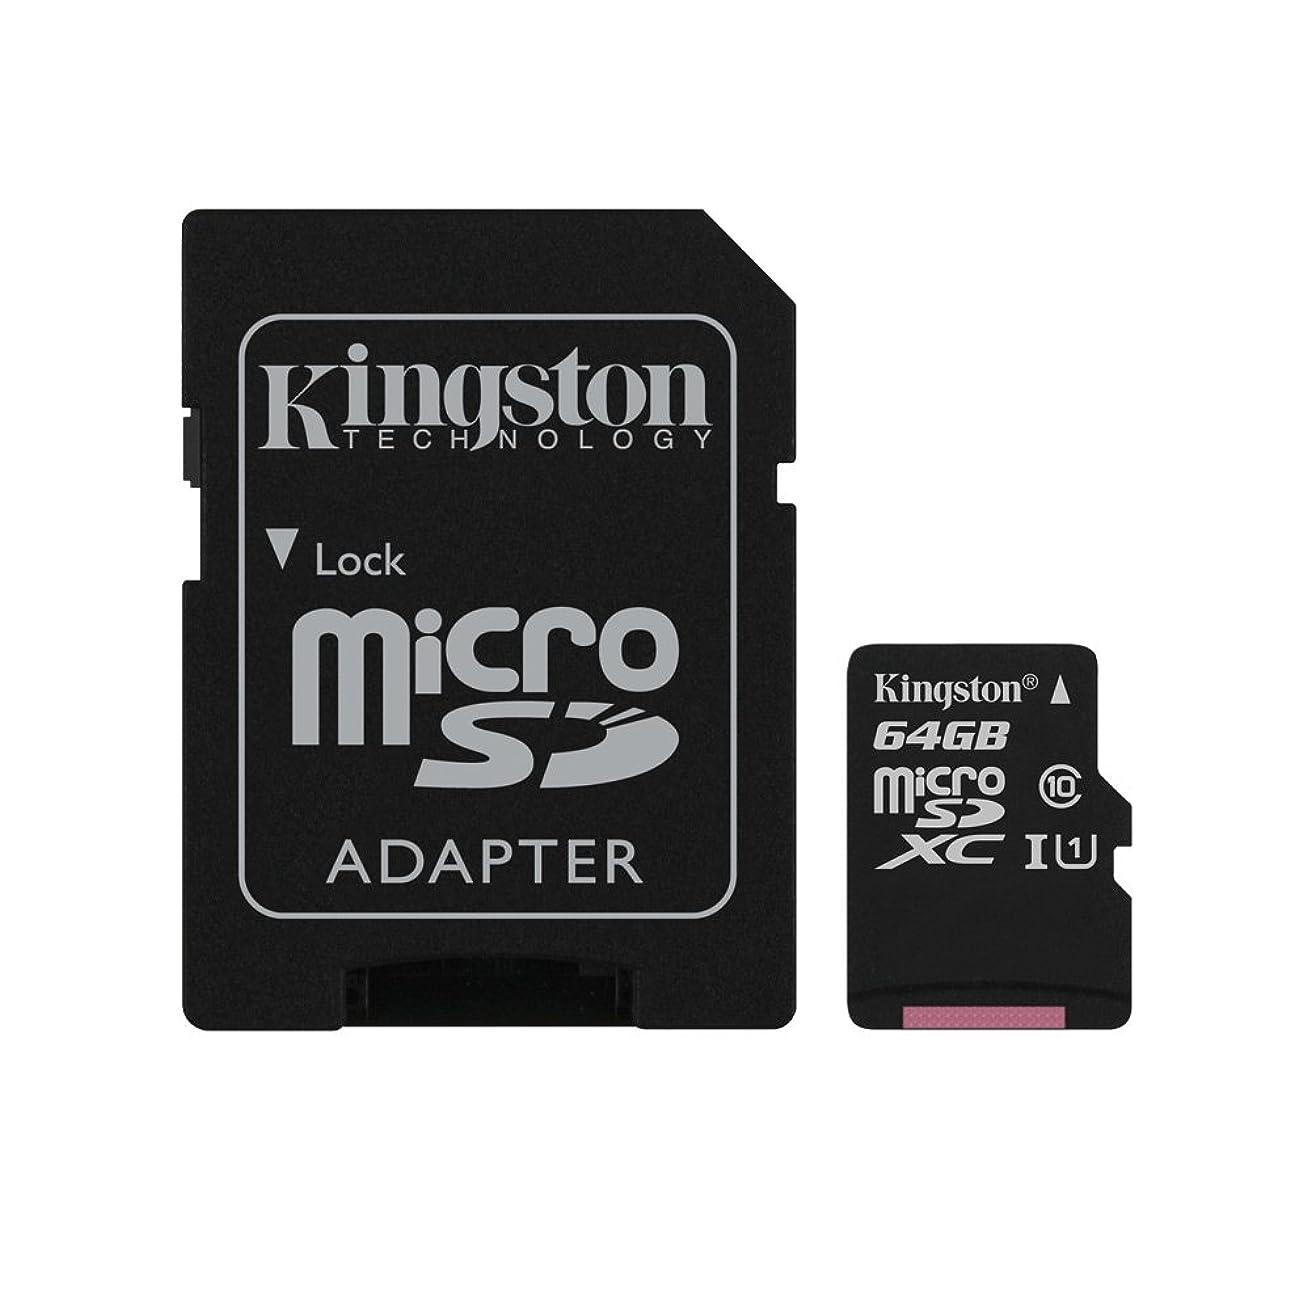 トレードに負ける原子キングストン Kingston microSDXCカード 64GB クラス 10 UHS-I 対応 アダプタ付 SDC10G2/64GB 永久保証